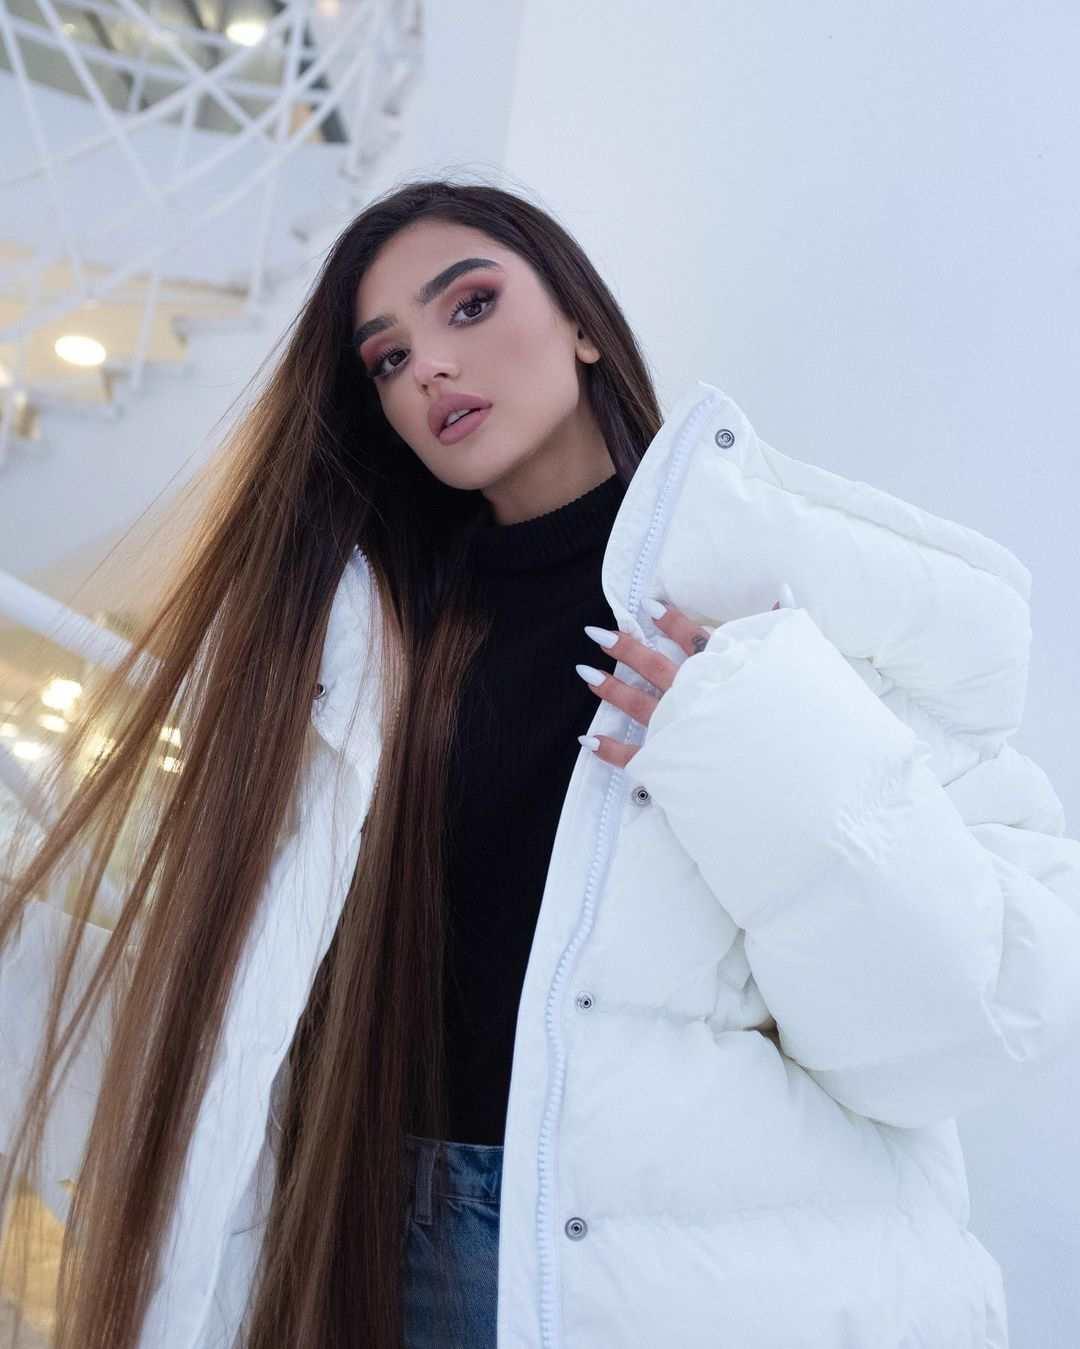 Dina Saeva Biography & Wiki